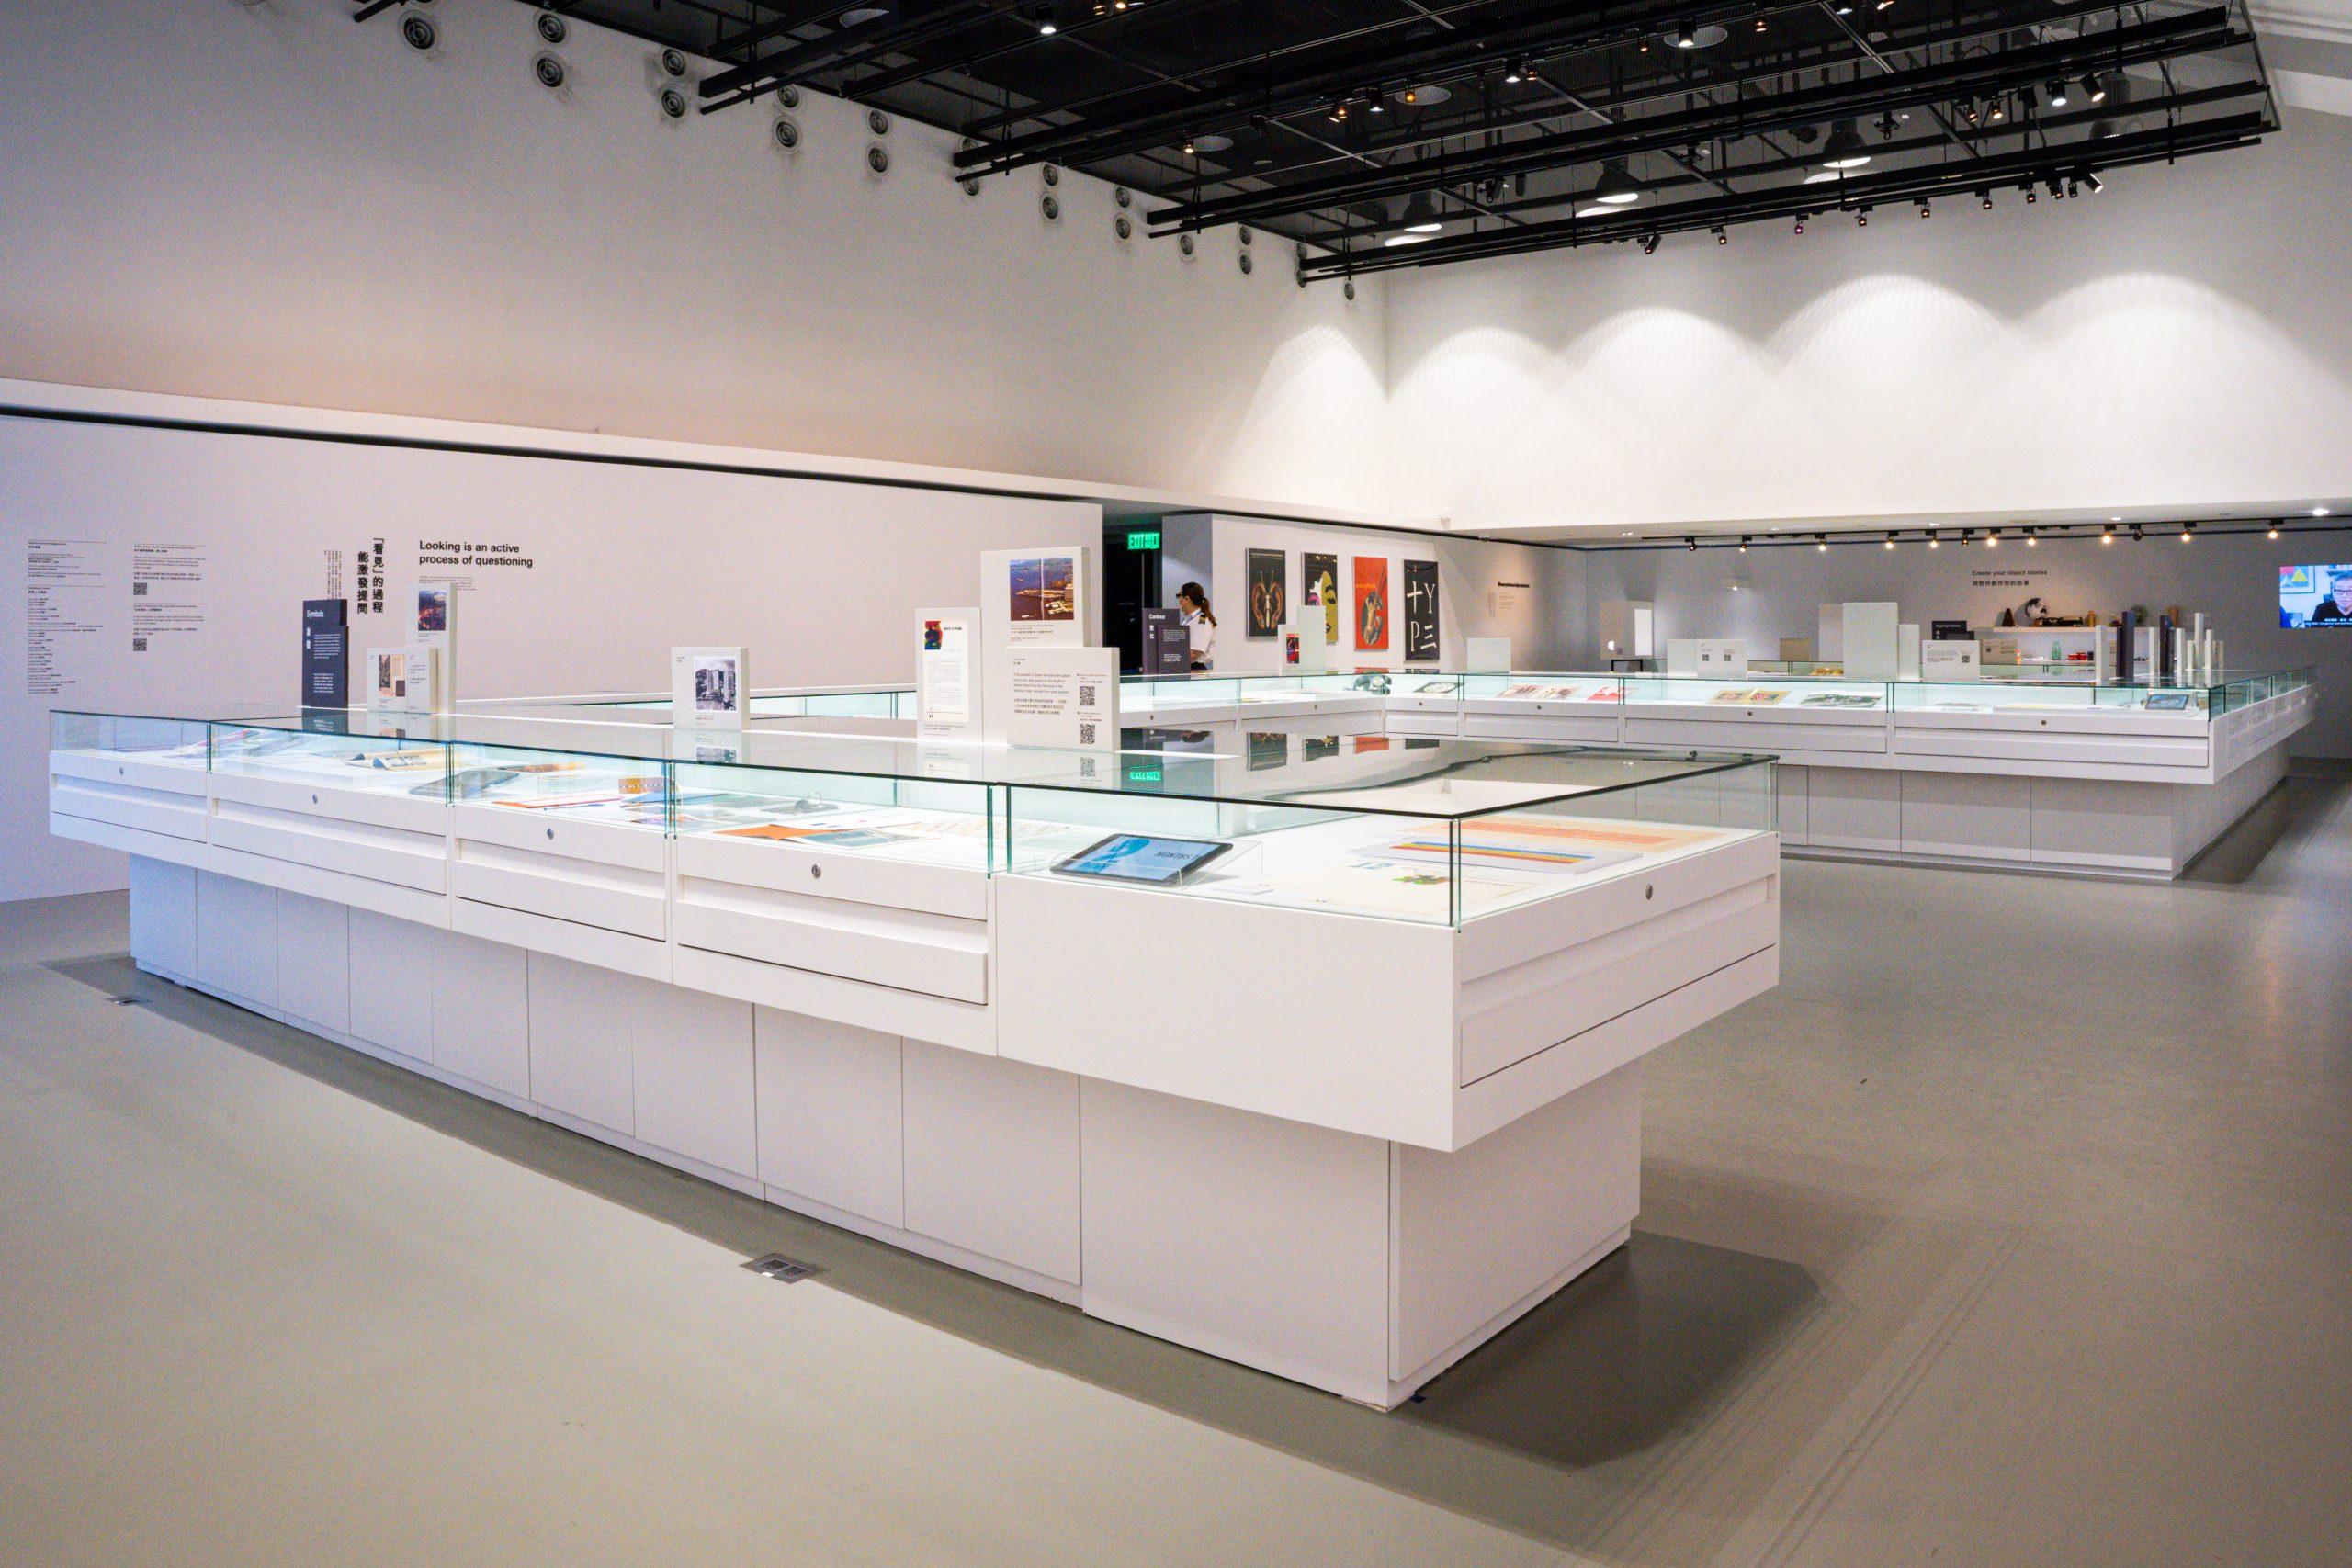 老香港設計展覽 石漢瑞 展覽 HKDI